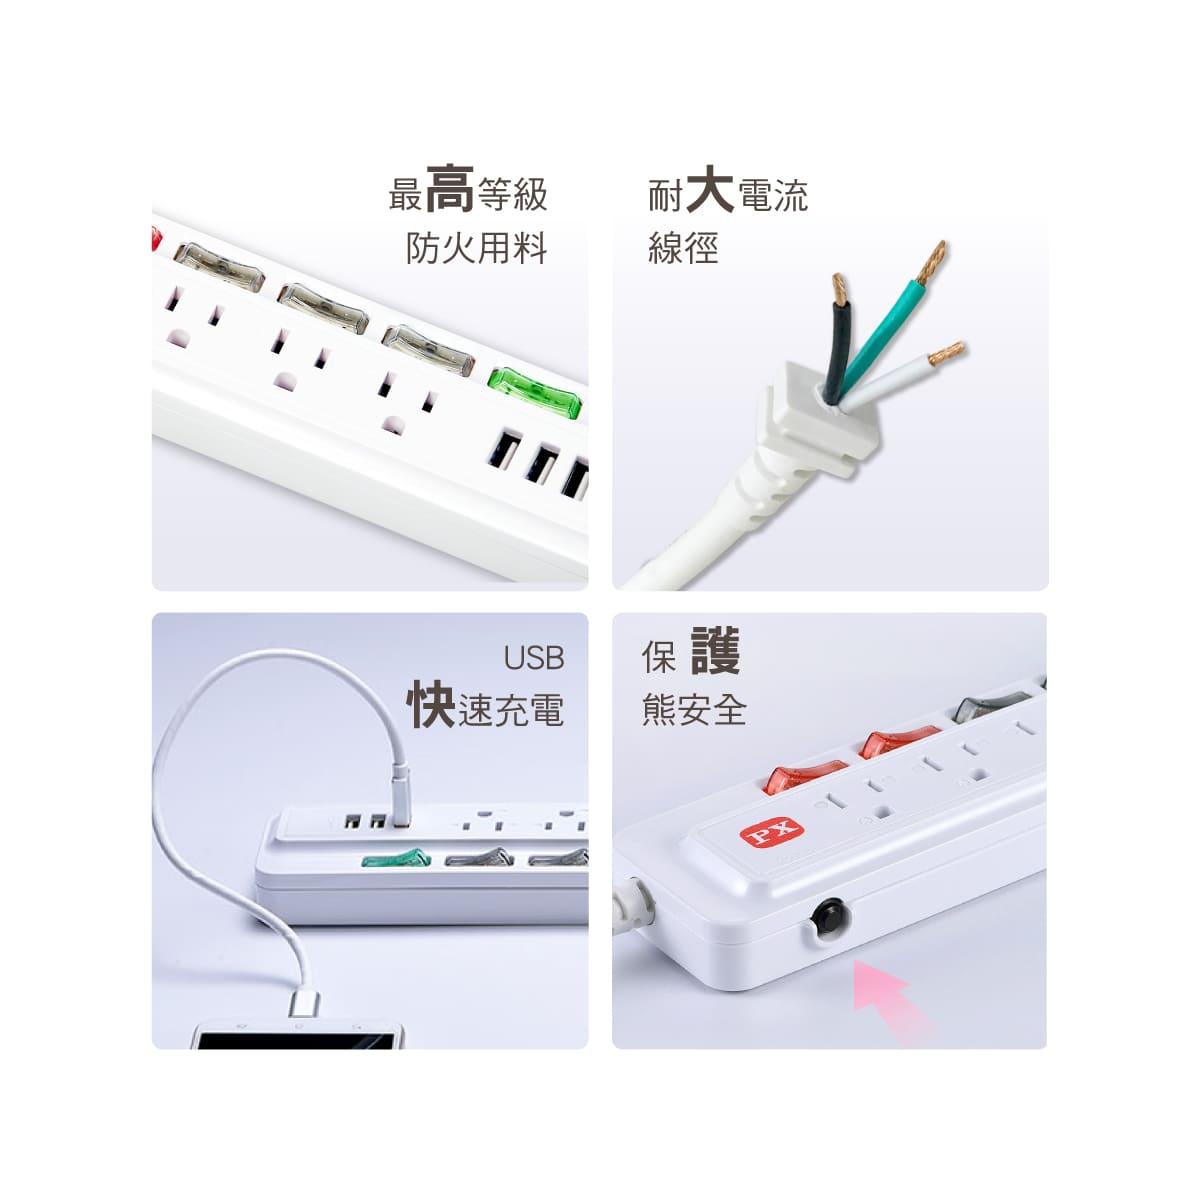 proimages/product/ExtensionCord/PEC65U36/PEC-65U36-02.jpg